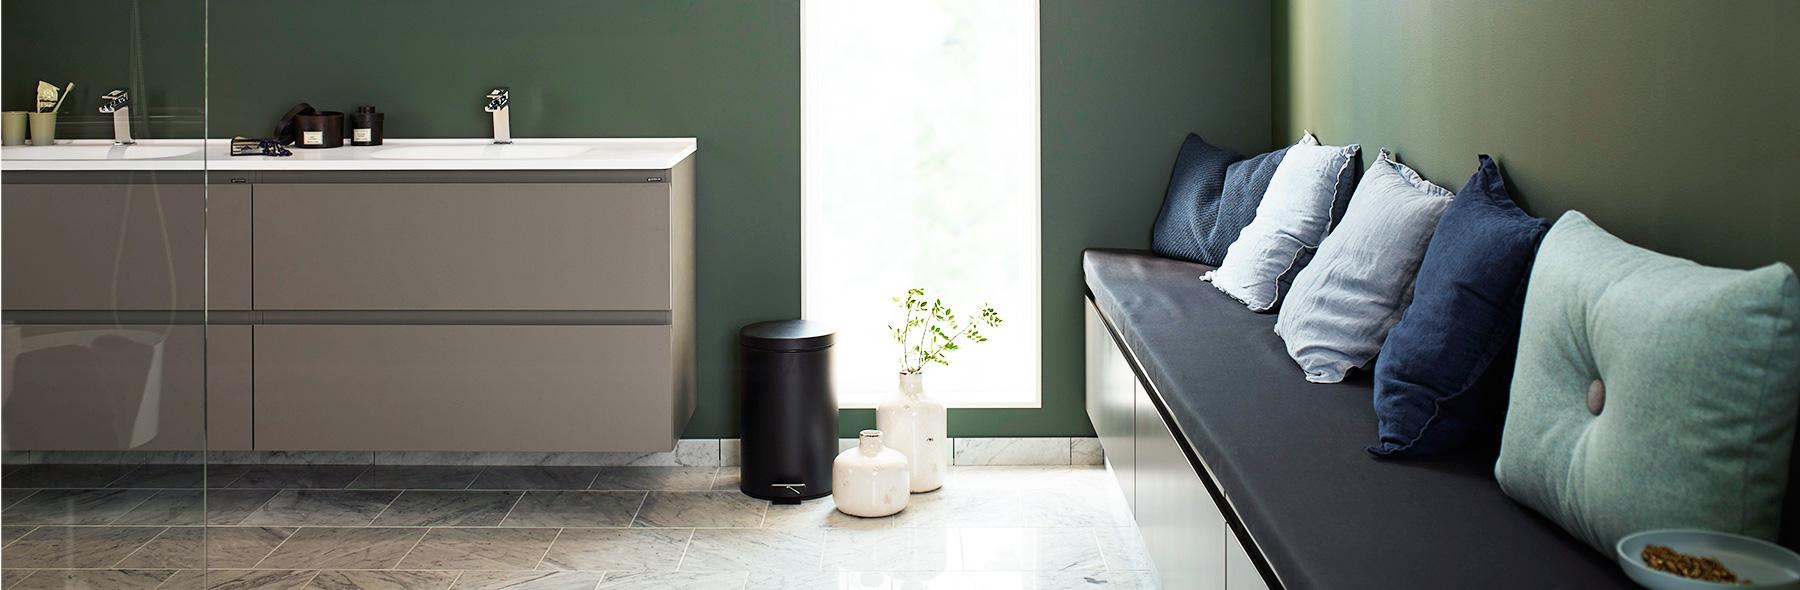 Kataloger kök bad tvätt - Nytt kök badrum och tvättstuga - Vedum ...